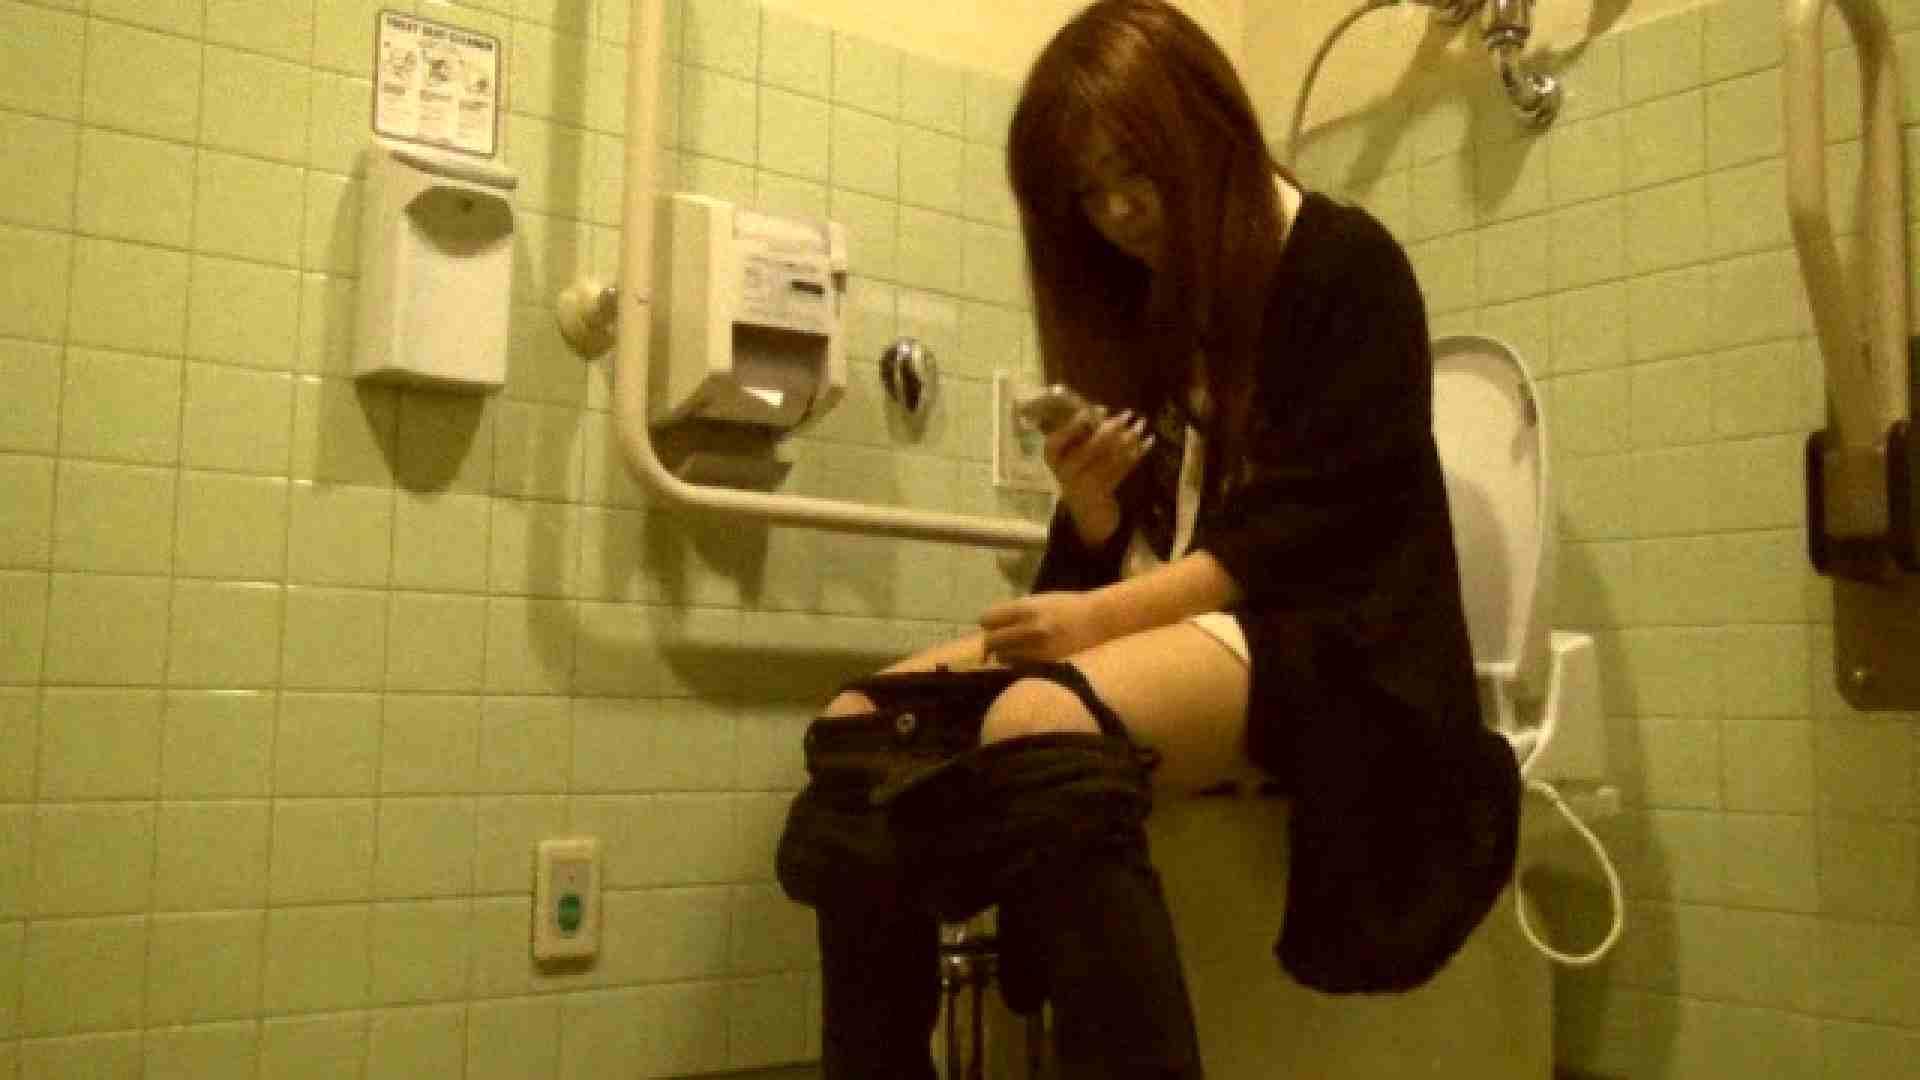 魔術師の お・も・て・な・し vol.26 19歳のバーの店員さんの洗面所をしばし… OLの実態   イタズラ  90pic 58